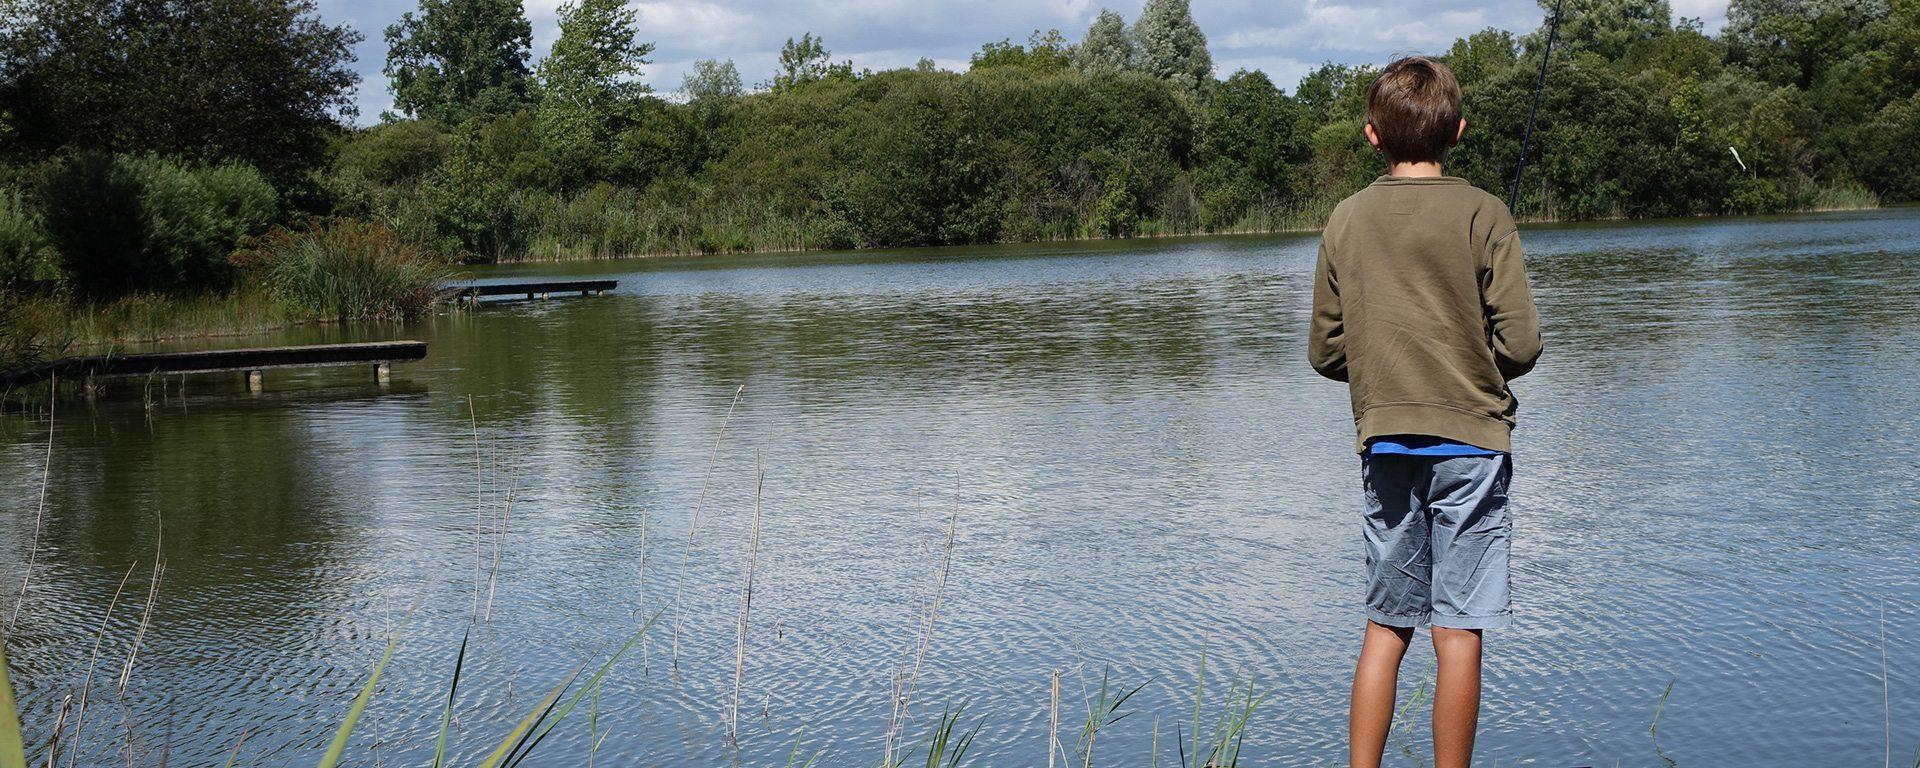 aigrefeuille-lac-de-frace-otamp-m-serpico-81-2-aspect-ratio-2000-800